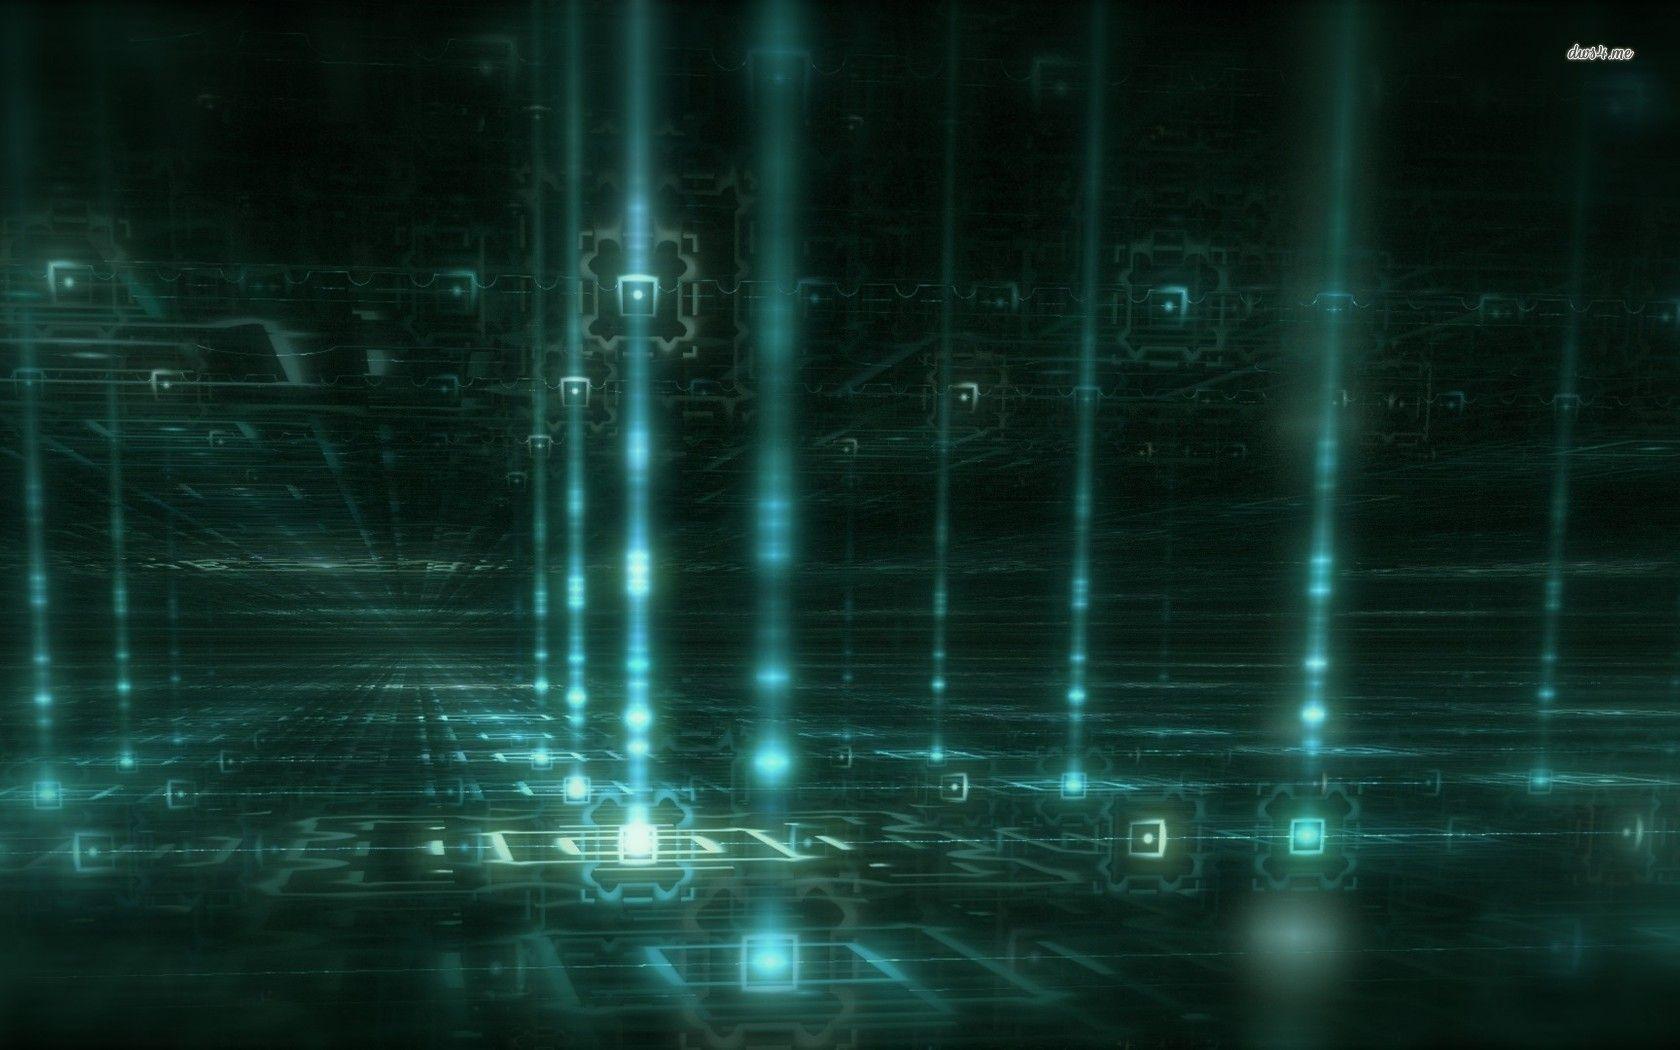 Digital Circuit Wallpapers Top Free Digital Circuit